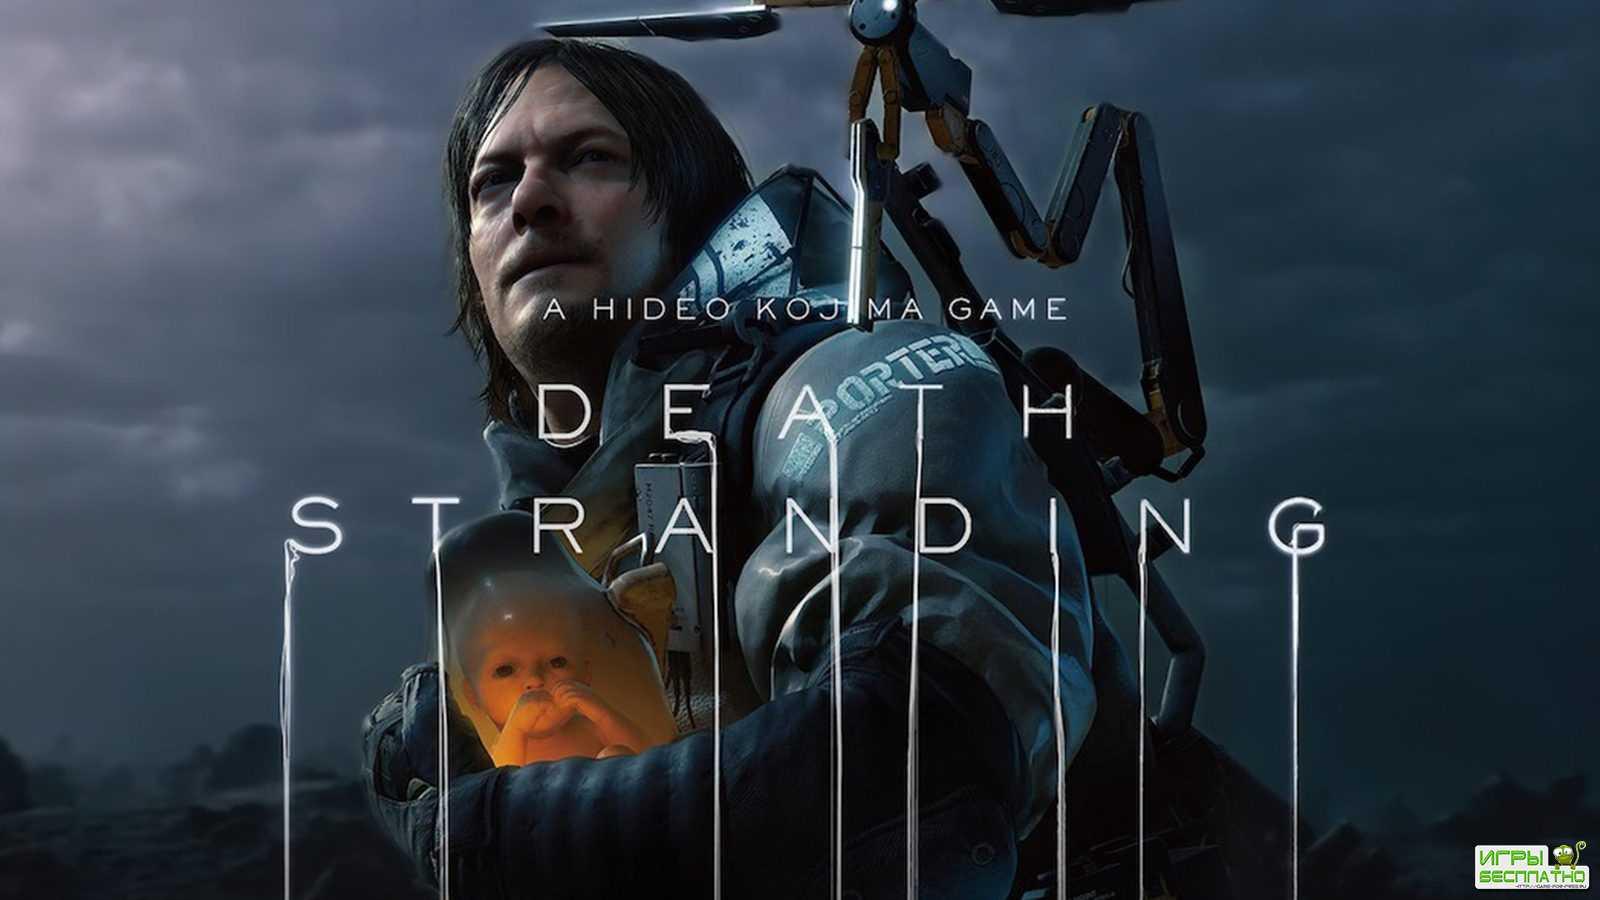 Трой Бейкер высказался о The Last of Us: Part 2 и Death Stranding